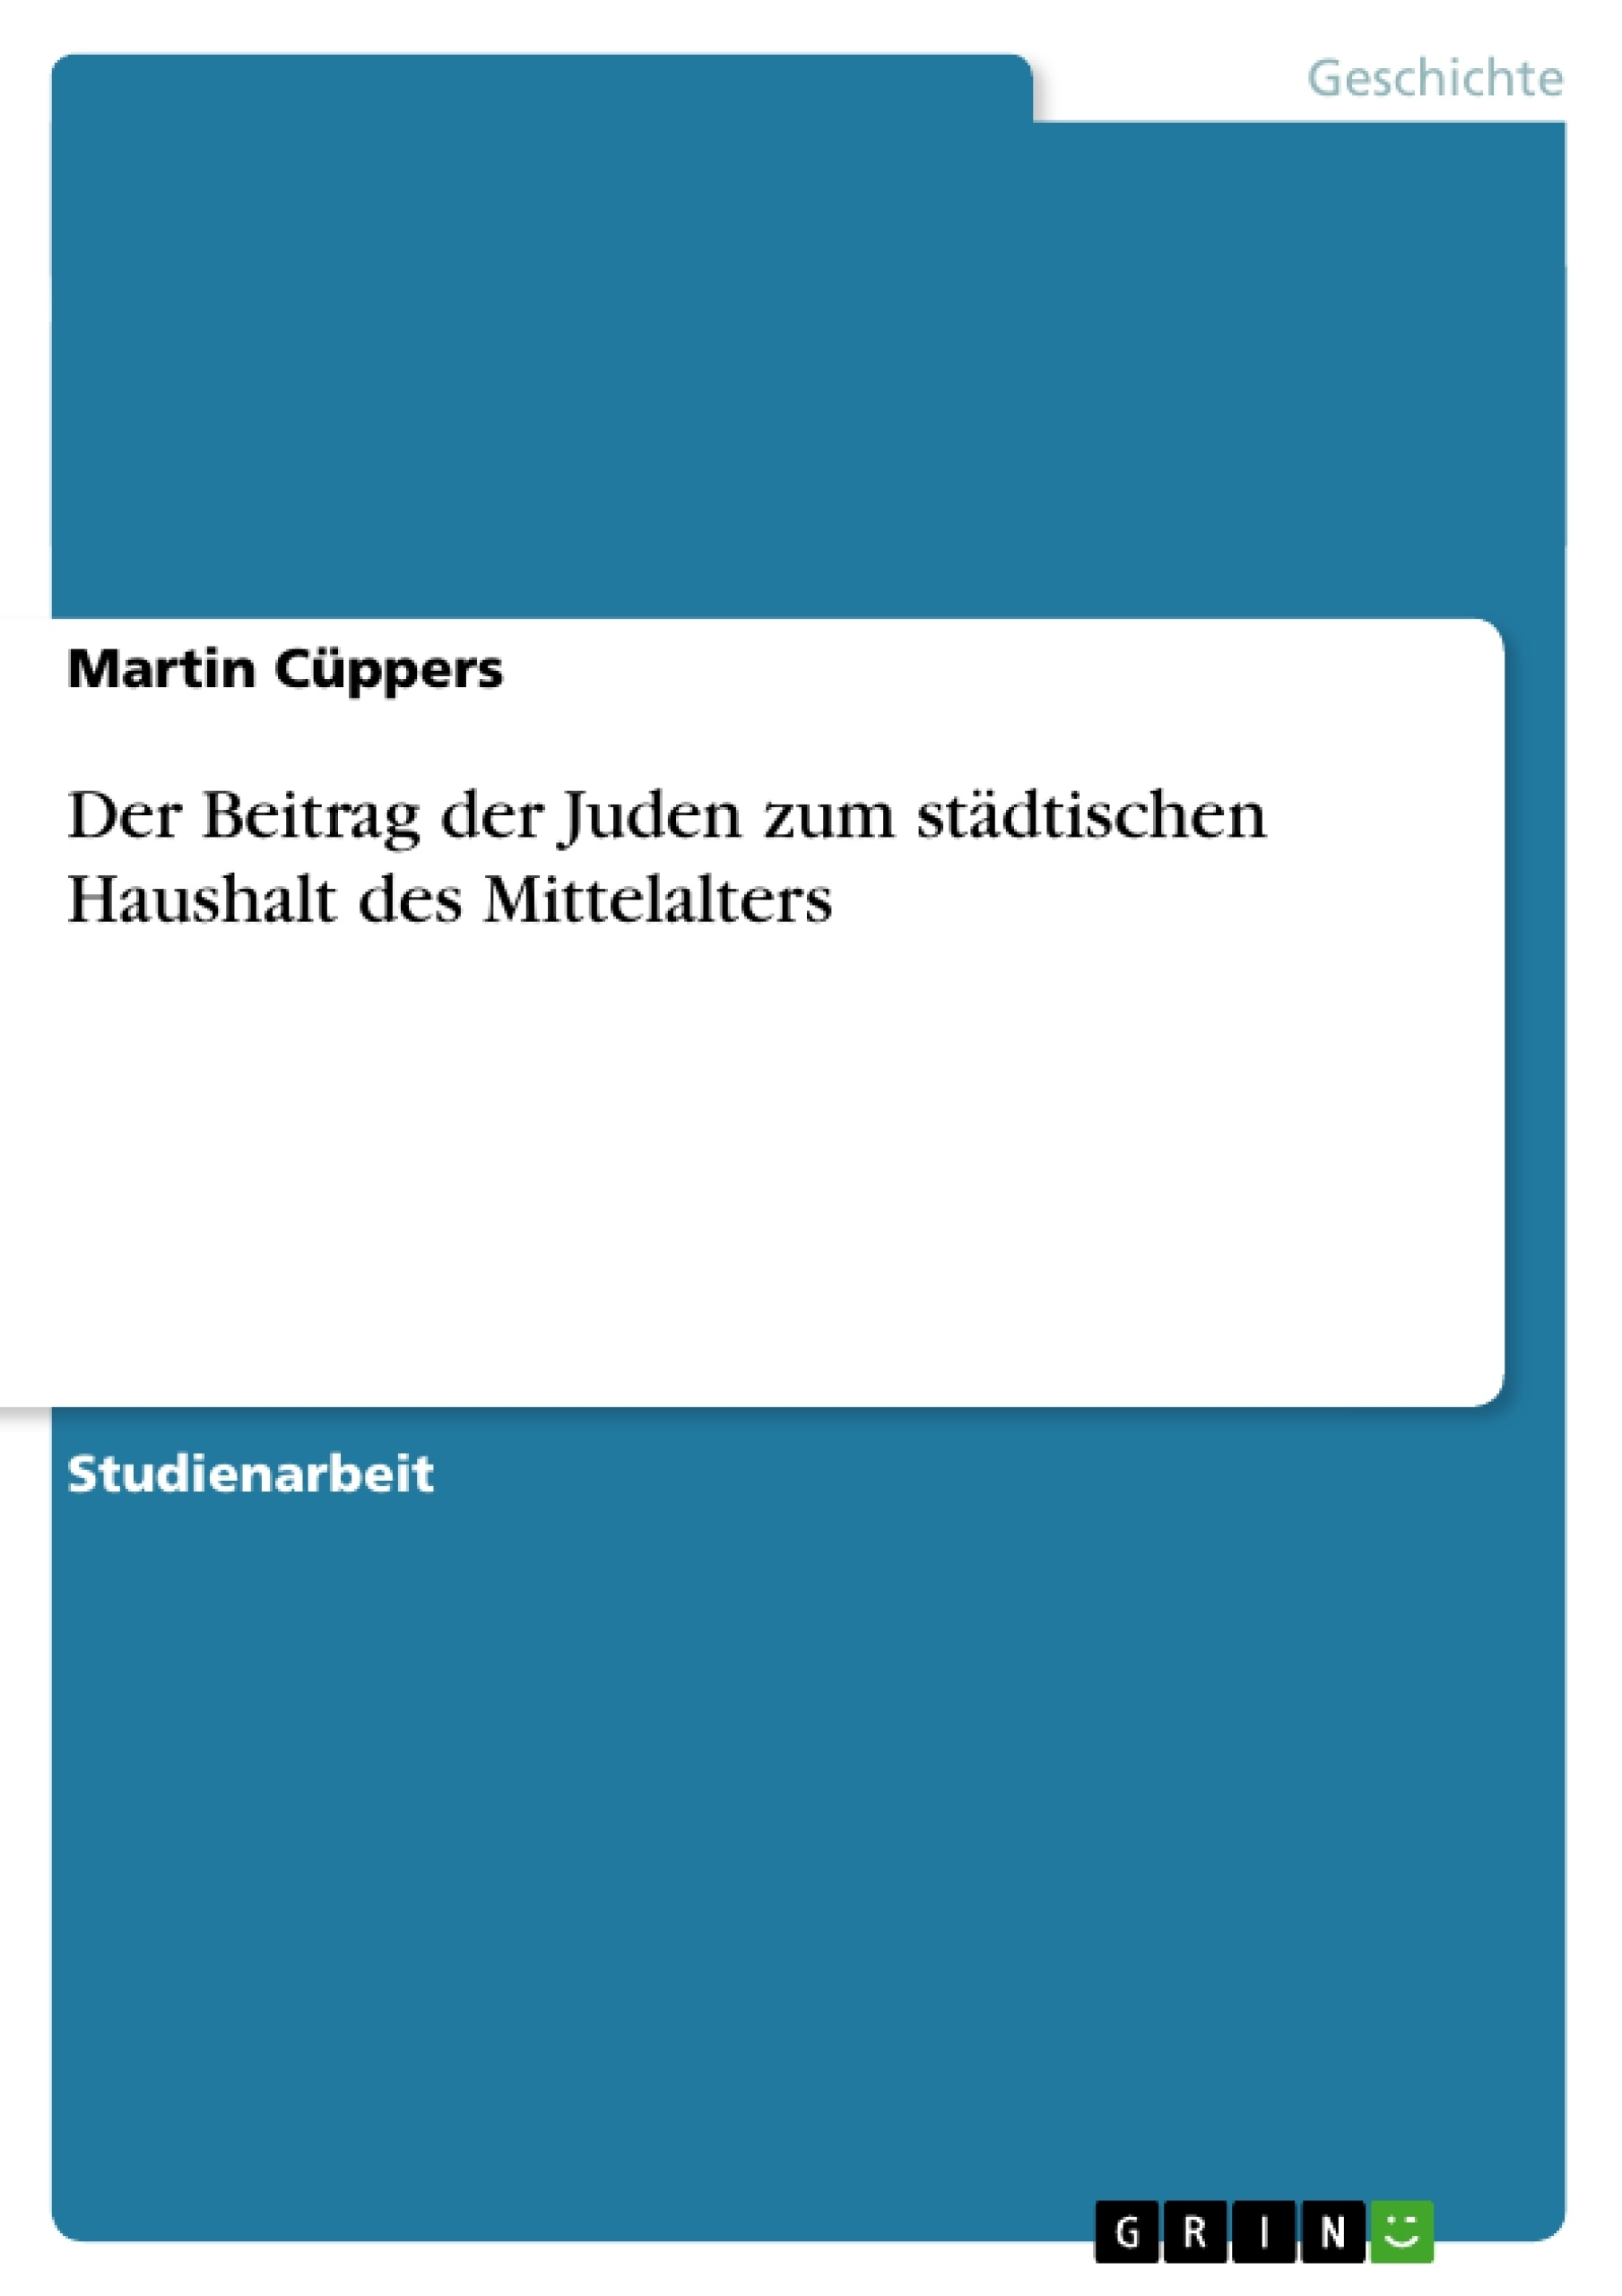 Titel: Der Beitrag der Juden zum städtischen Haushalt des Mittelalters